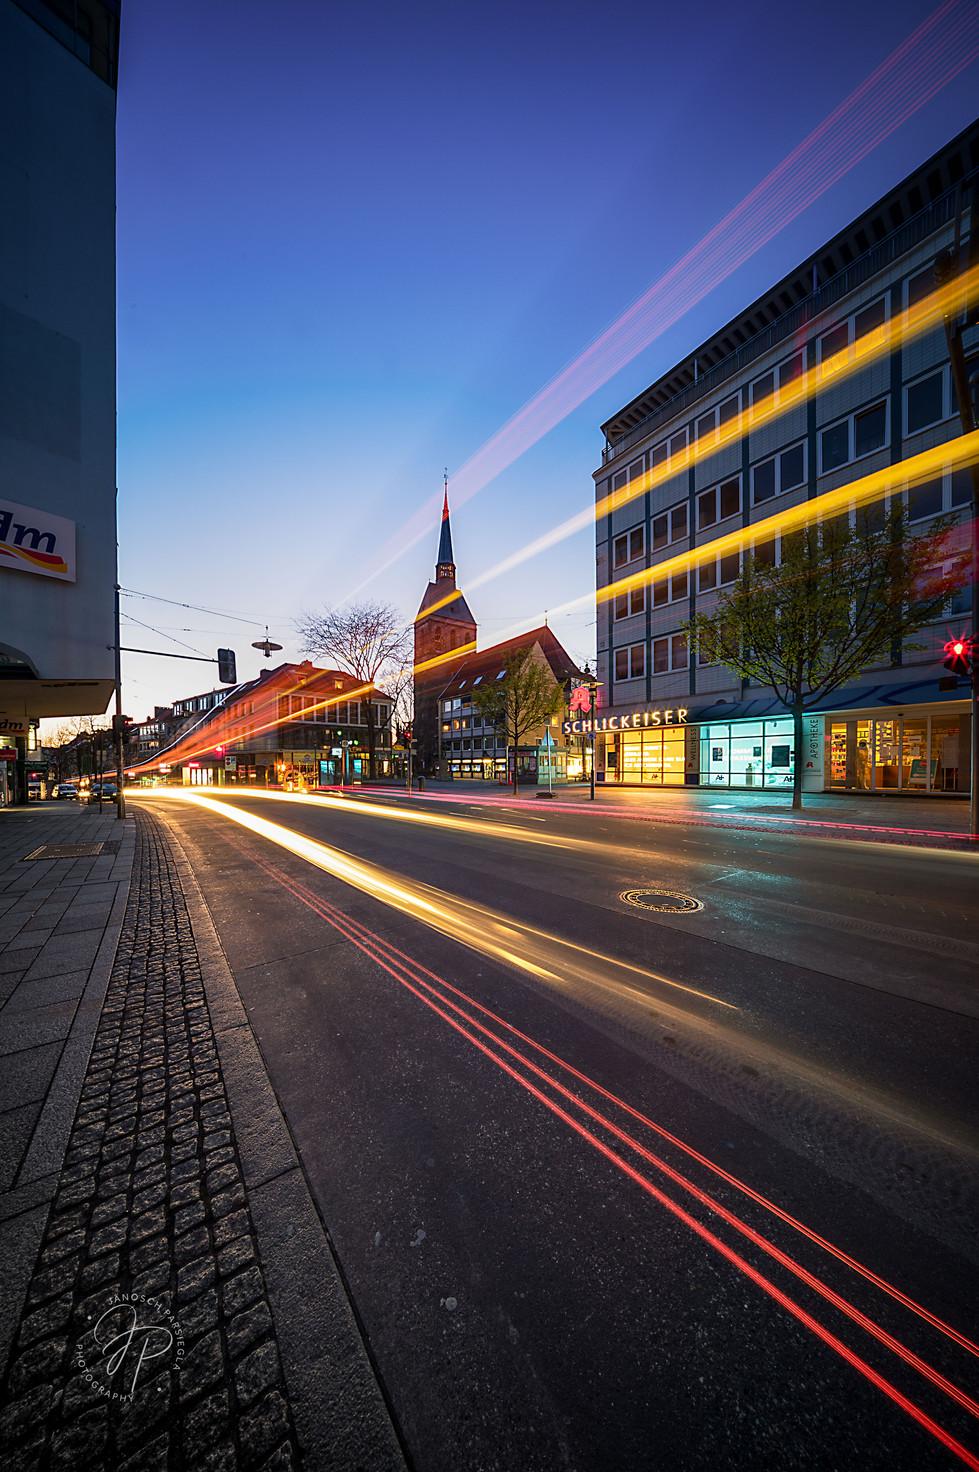 Schuhstrasse traffic